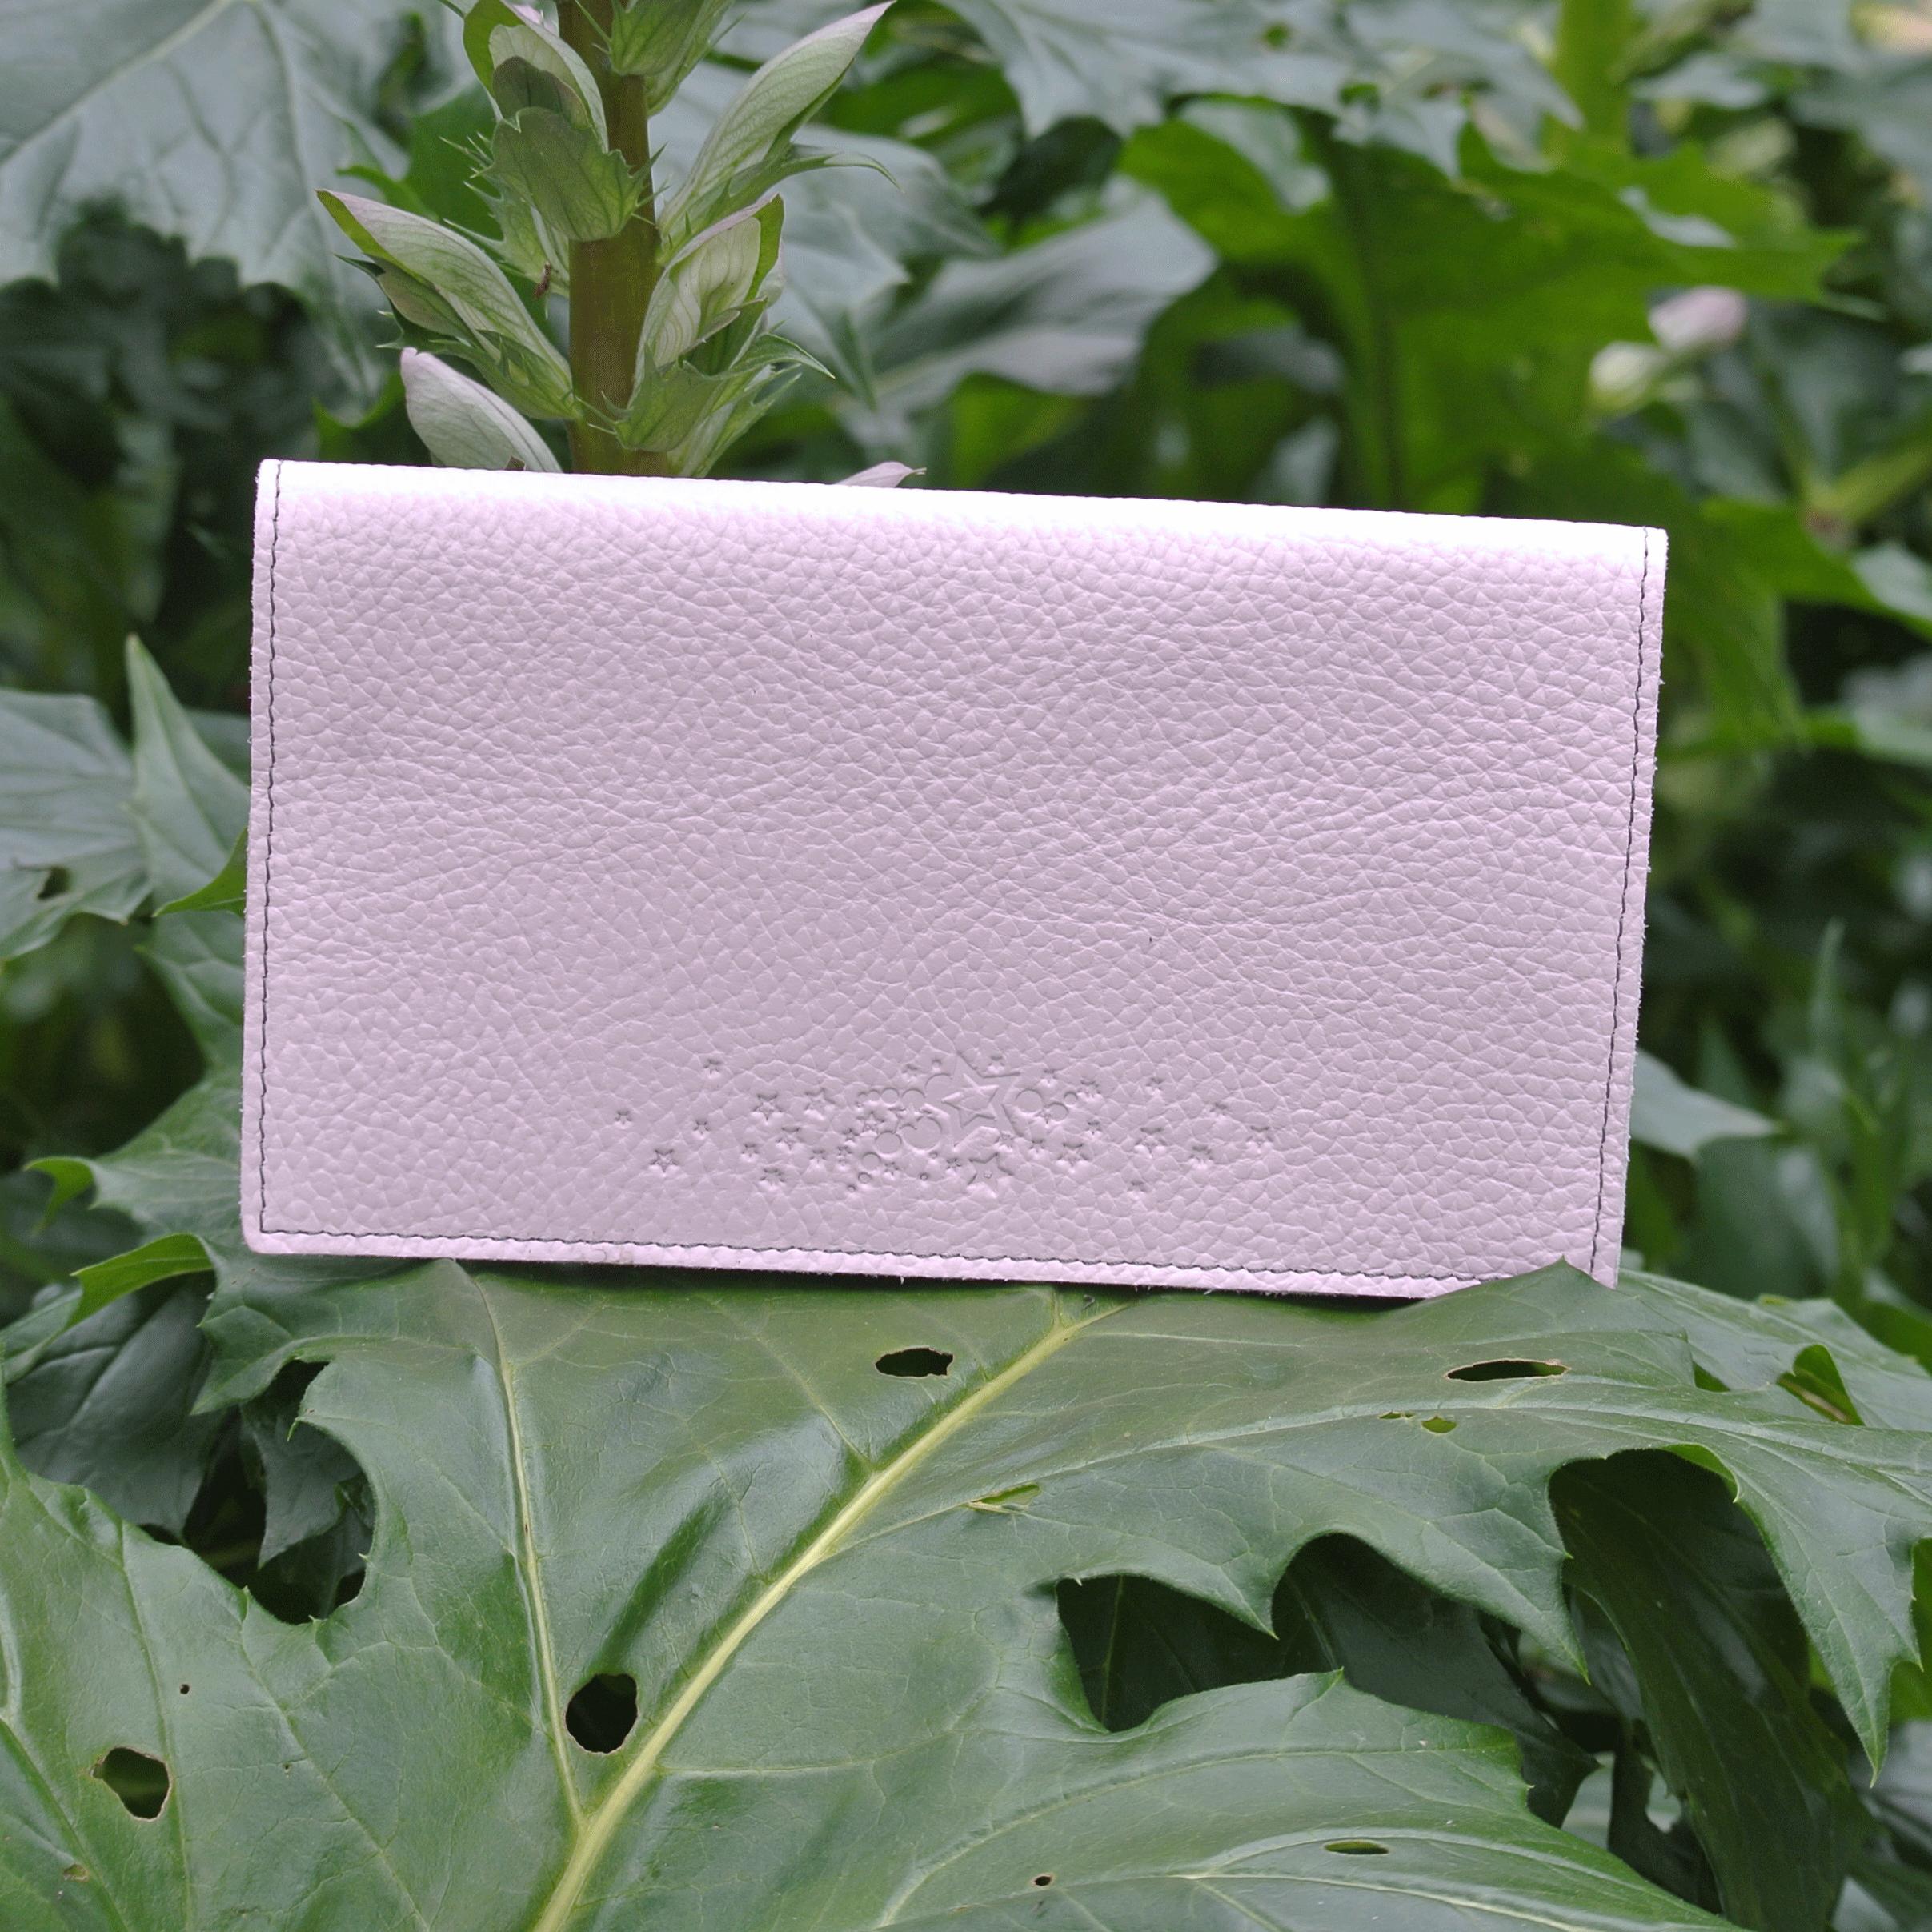 protege-chequier-cuirs-fantaisies-cuir-paillete-cuir-retro-cuir-nappa-cuir-graine-la-cartabliere-fabirque-en-france-rose-quartz